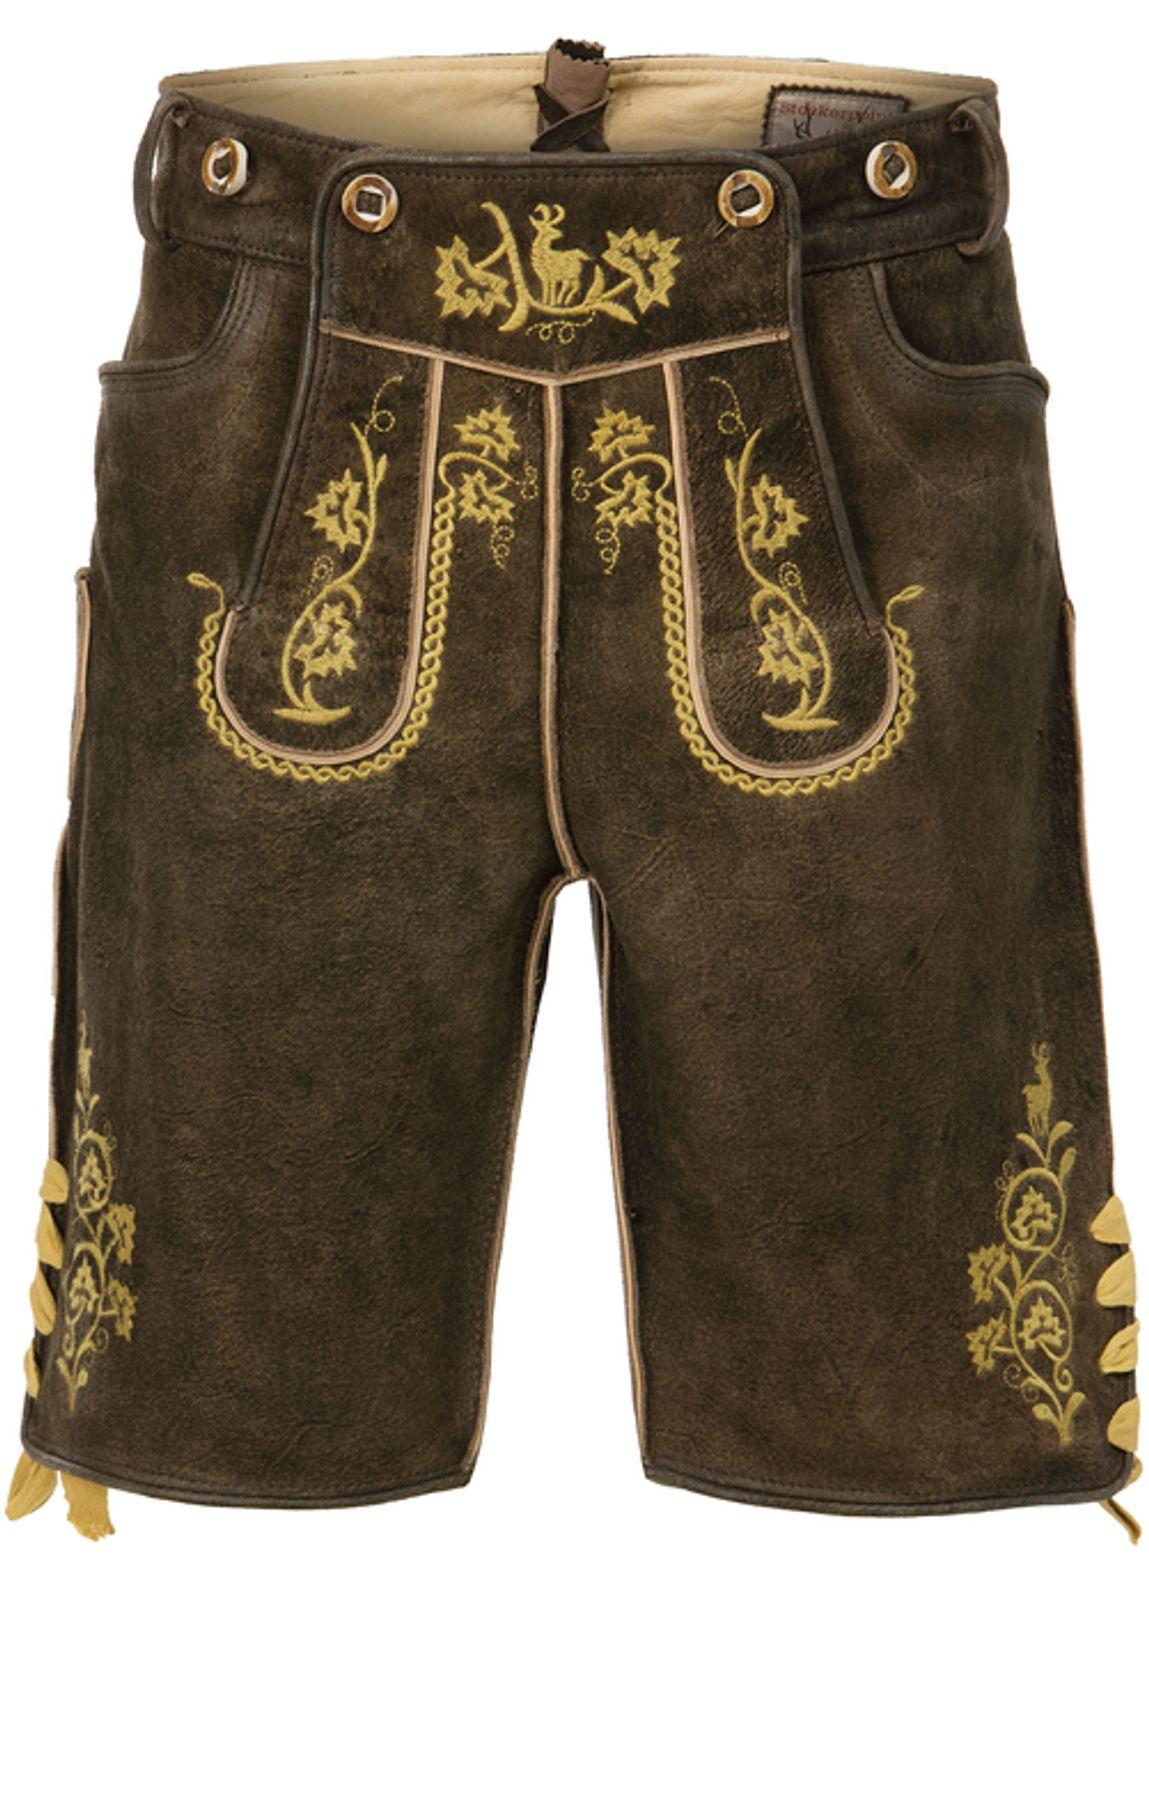 Stockerpoint - Herren Trachten Lederhose mit Träger, in verschiedenen Farben, Edgar – Bild 24